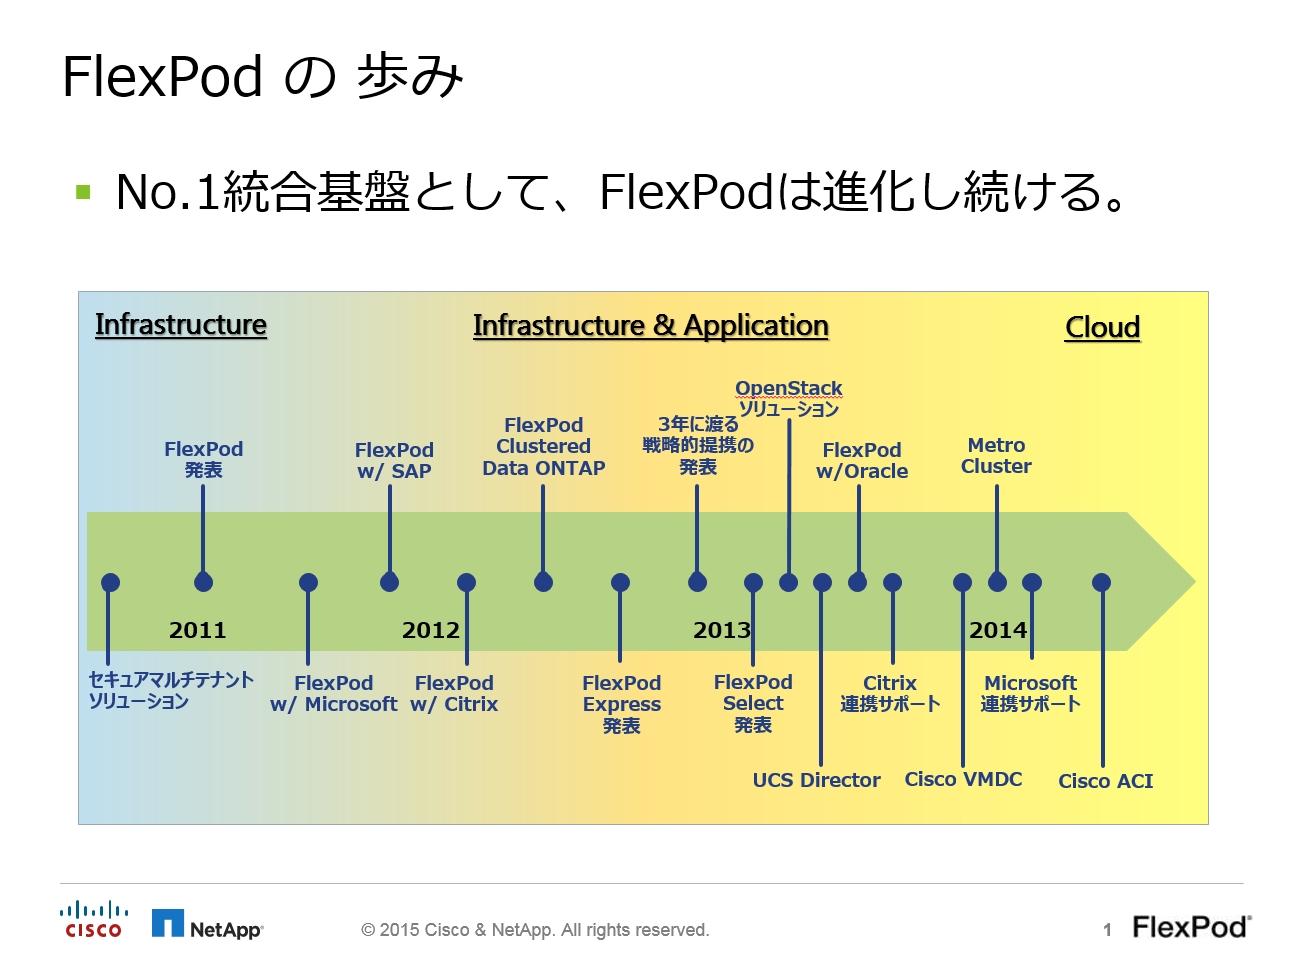 FlexPodの歩み(出典:CiscoとNetApp から提供を受けた資料より)。FlexPodという名称でソリューションを展開し始めたのは2011年からだが、その原型は2009年に提唱されたビジョン「Imagine Virtually Anything」にまでさかのぼる。2011年以降は、さまざまな仮想化ソリューションおよびアプリケーションを組み合わせたFlexPodソリューションを拡充しつつあるほか、両社の新しいテクノロジを積極的に取り込むことで、FlexPod自体の完成度も着実に高めてきている。